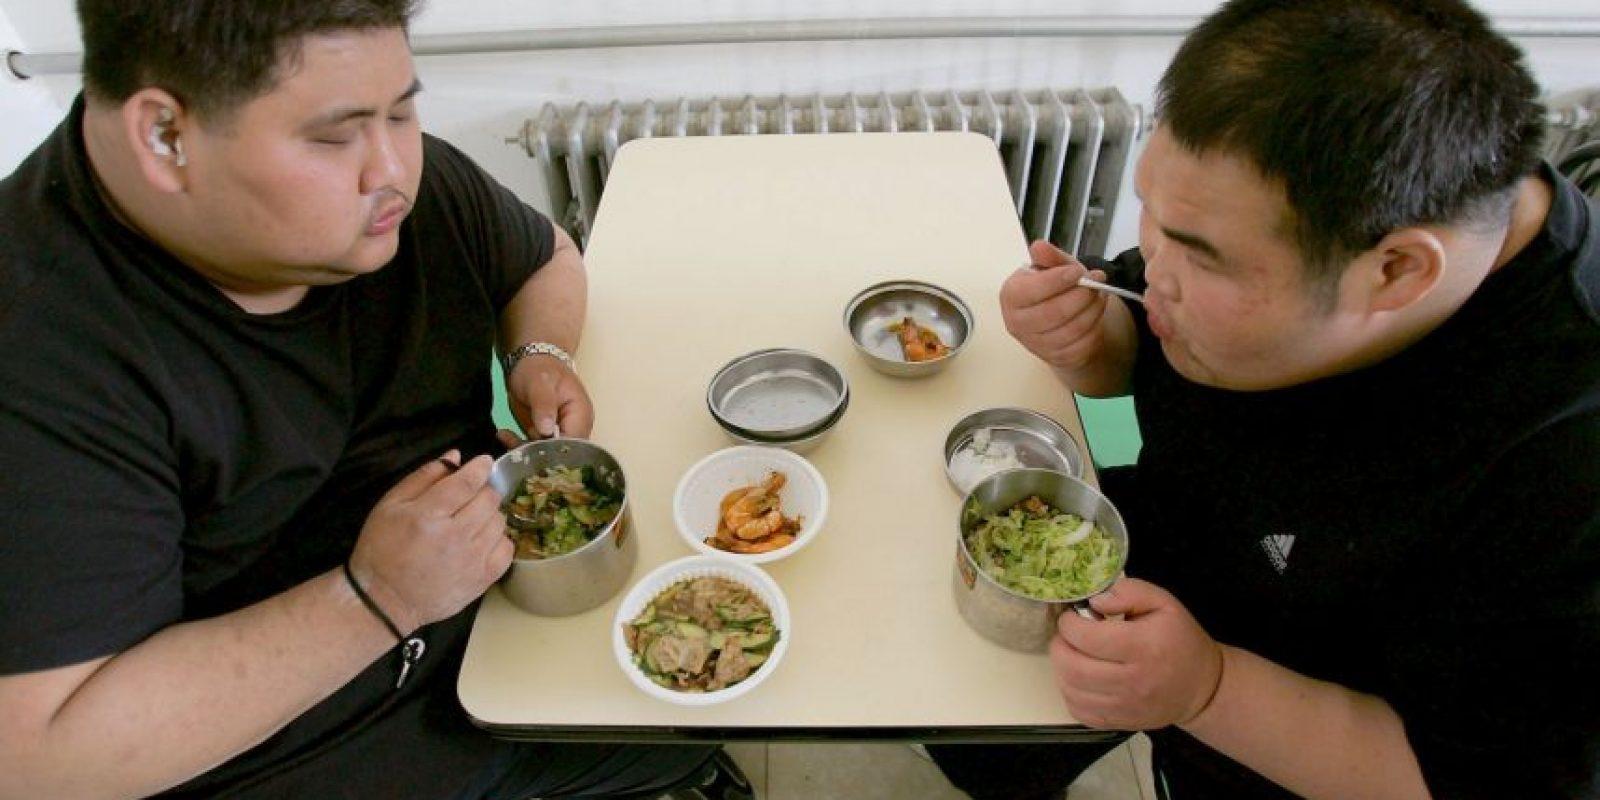 ¿Qué tan seguro es comer carne clonada? Foto:Getty Images